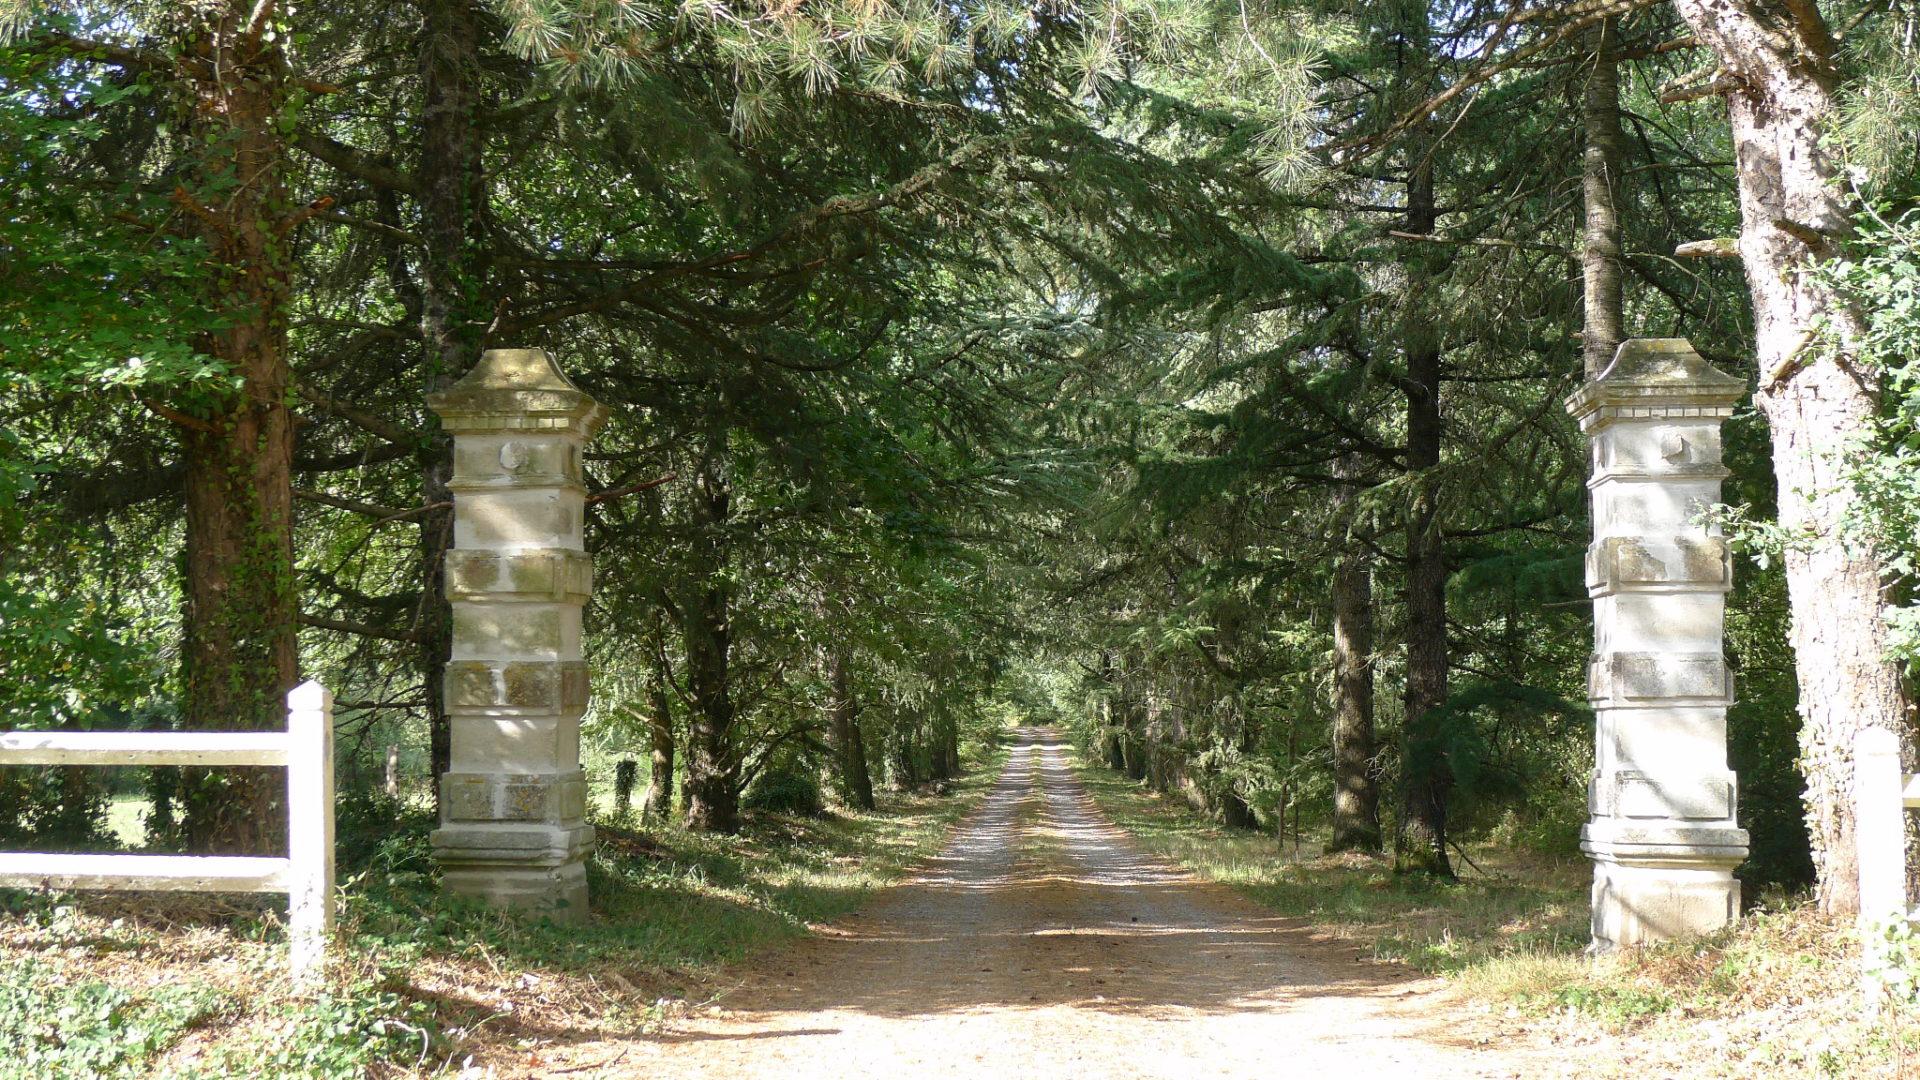 Allée de bienvenue du château de La Girardière, en Vendée